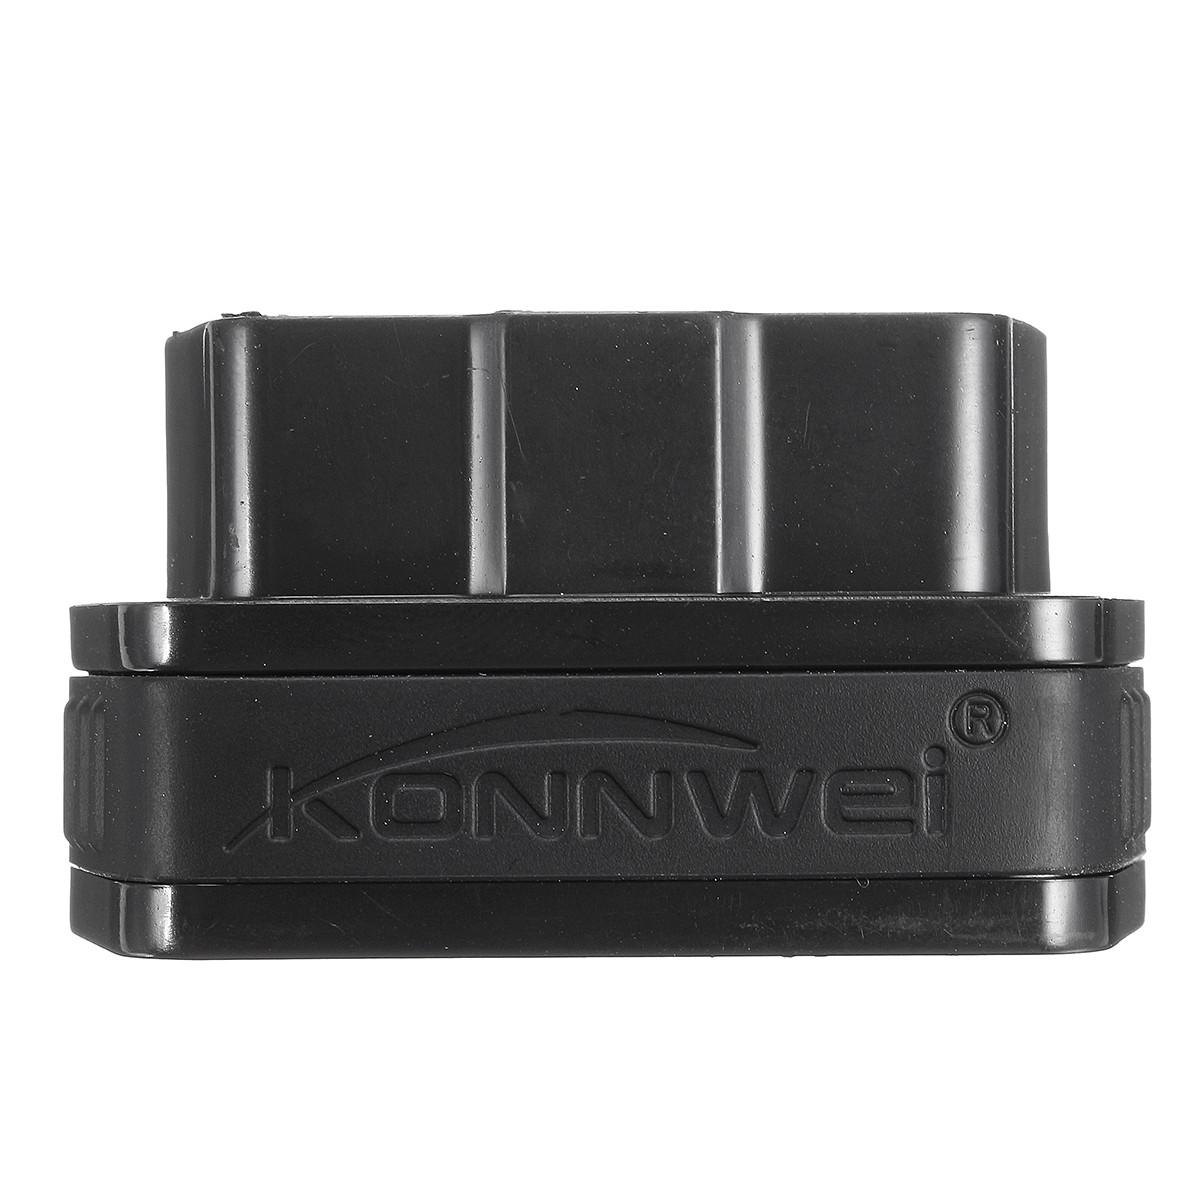 KW901 Bluetooth OBDll OBD2 ELM327 Авто Диагностика сканера Авто Fault Code Инструмент - ➊TopShop ➠ Товары из Китая с бесплатной доставкой в Украину! в Днепре